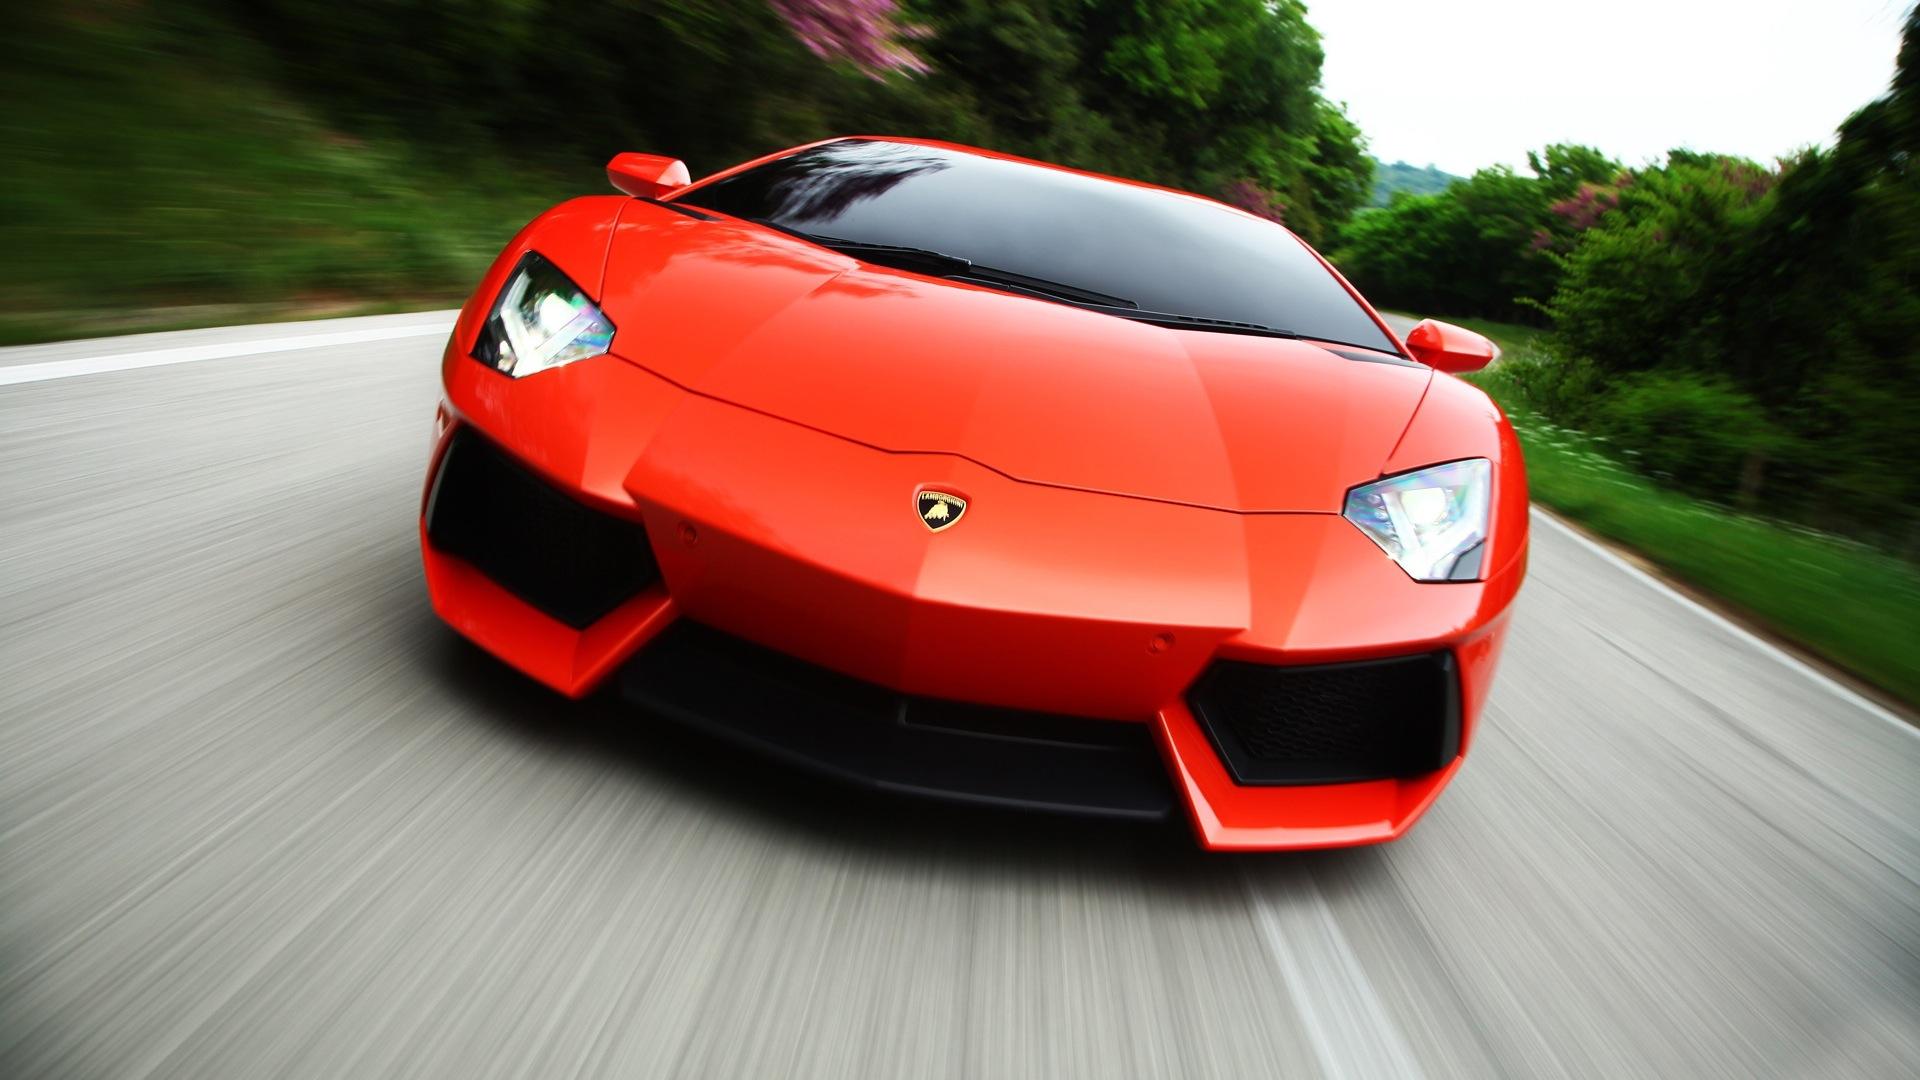 Lamborghini-Aventador-2013-LP-700-4-Compare